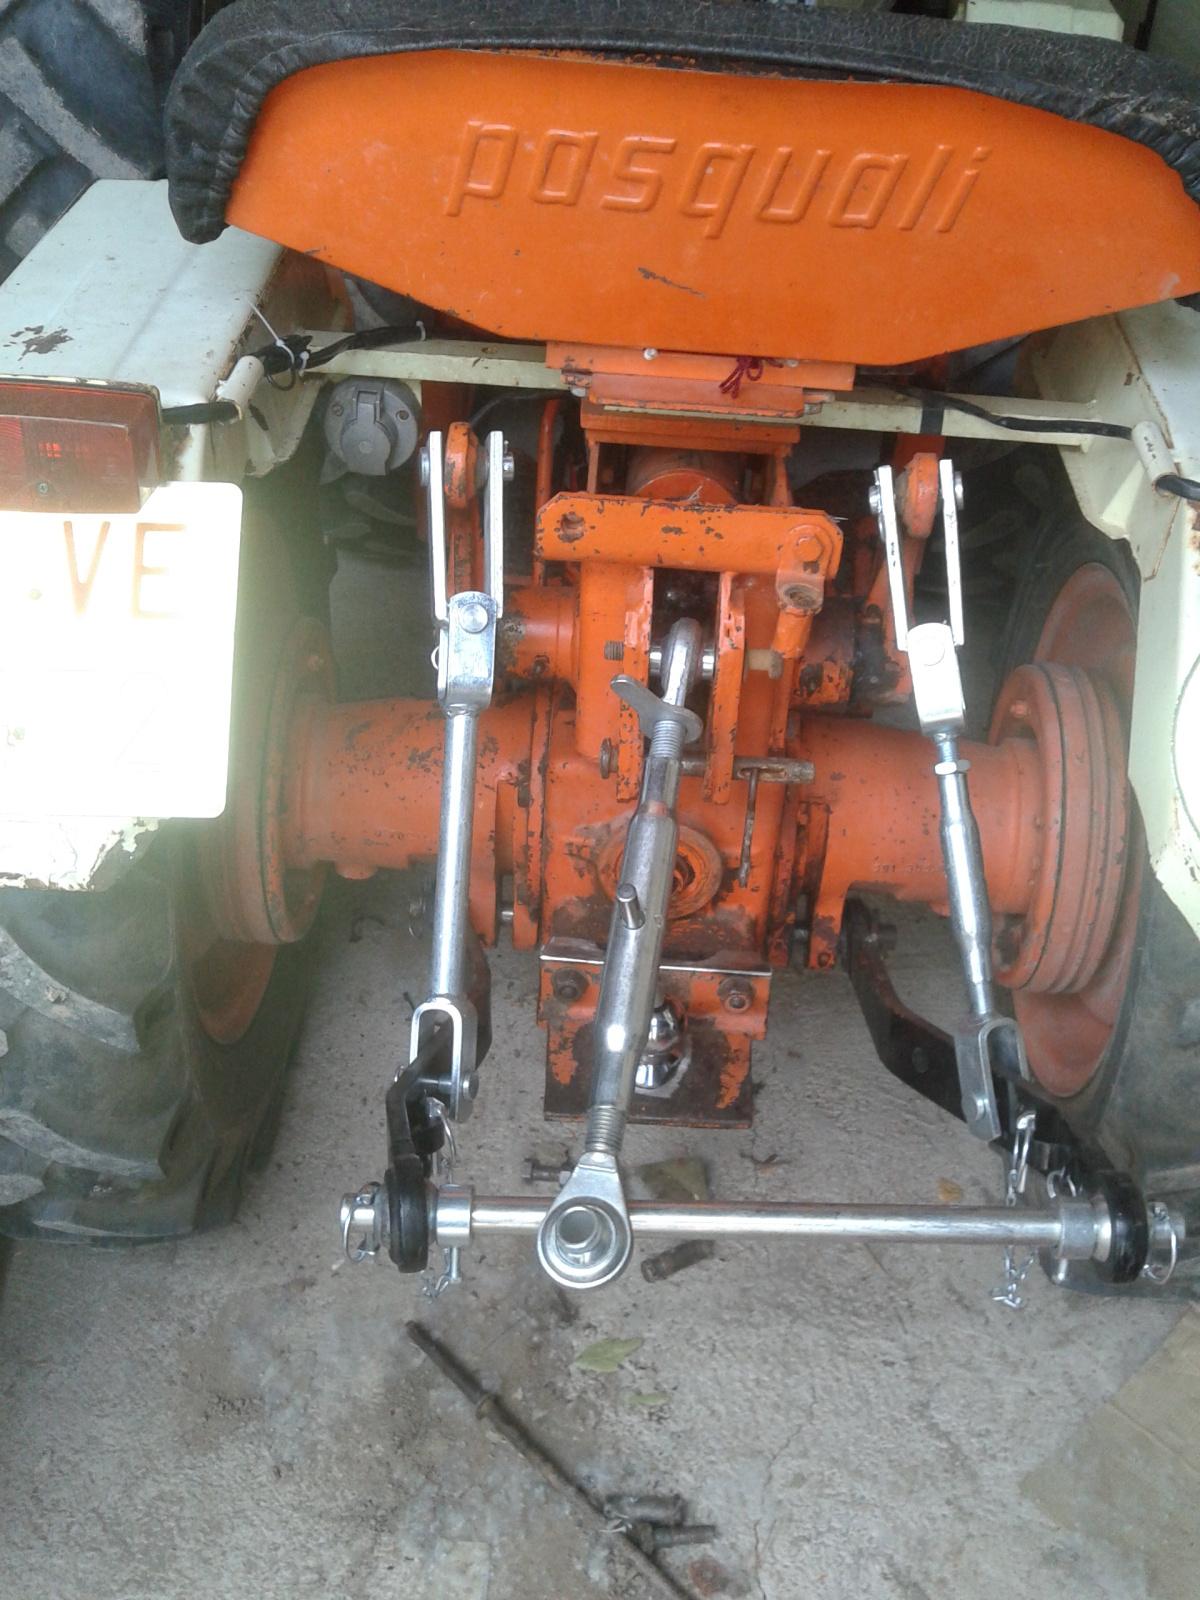 ¡¡¡OJO!!! Cómo conectar un remolque de coche a un tractor 3 puntos 2renrkz